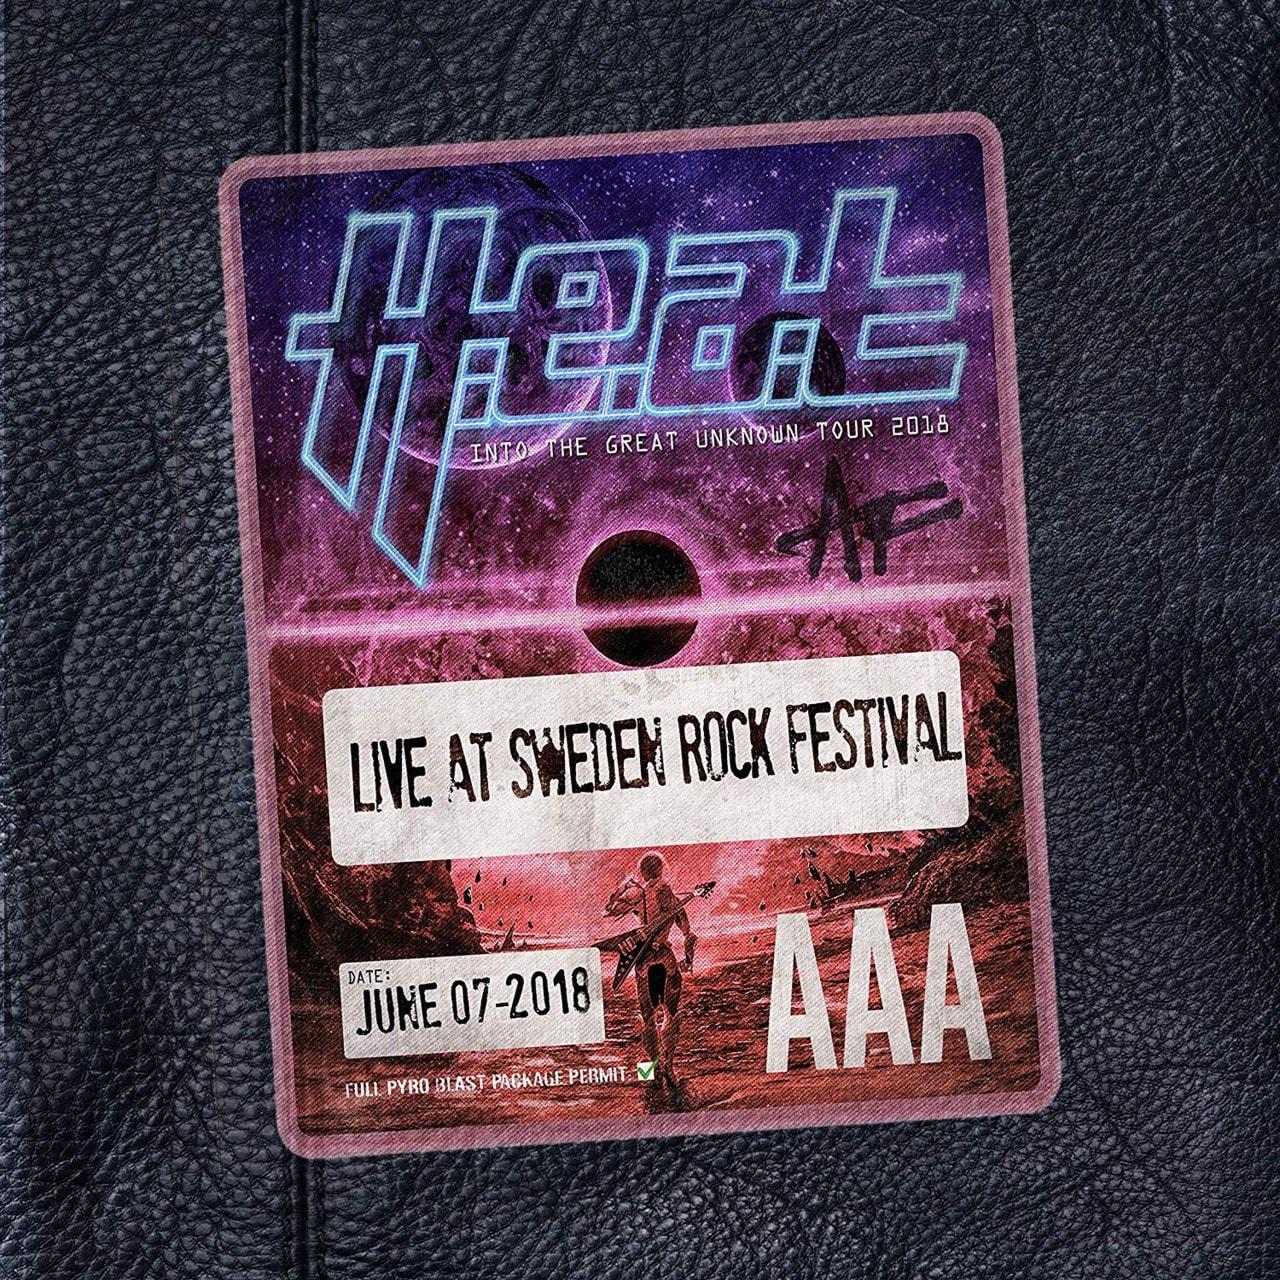 Live at Sweden Rock Festival - 1